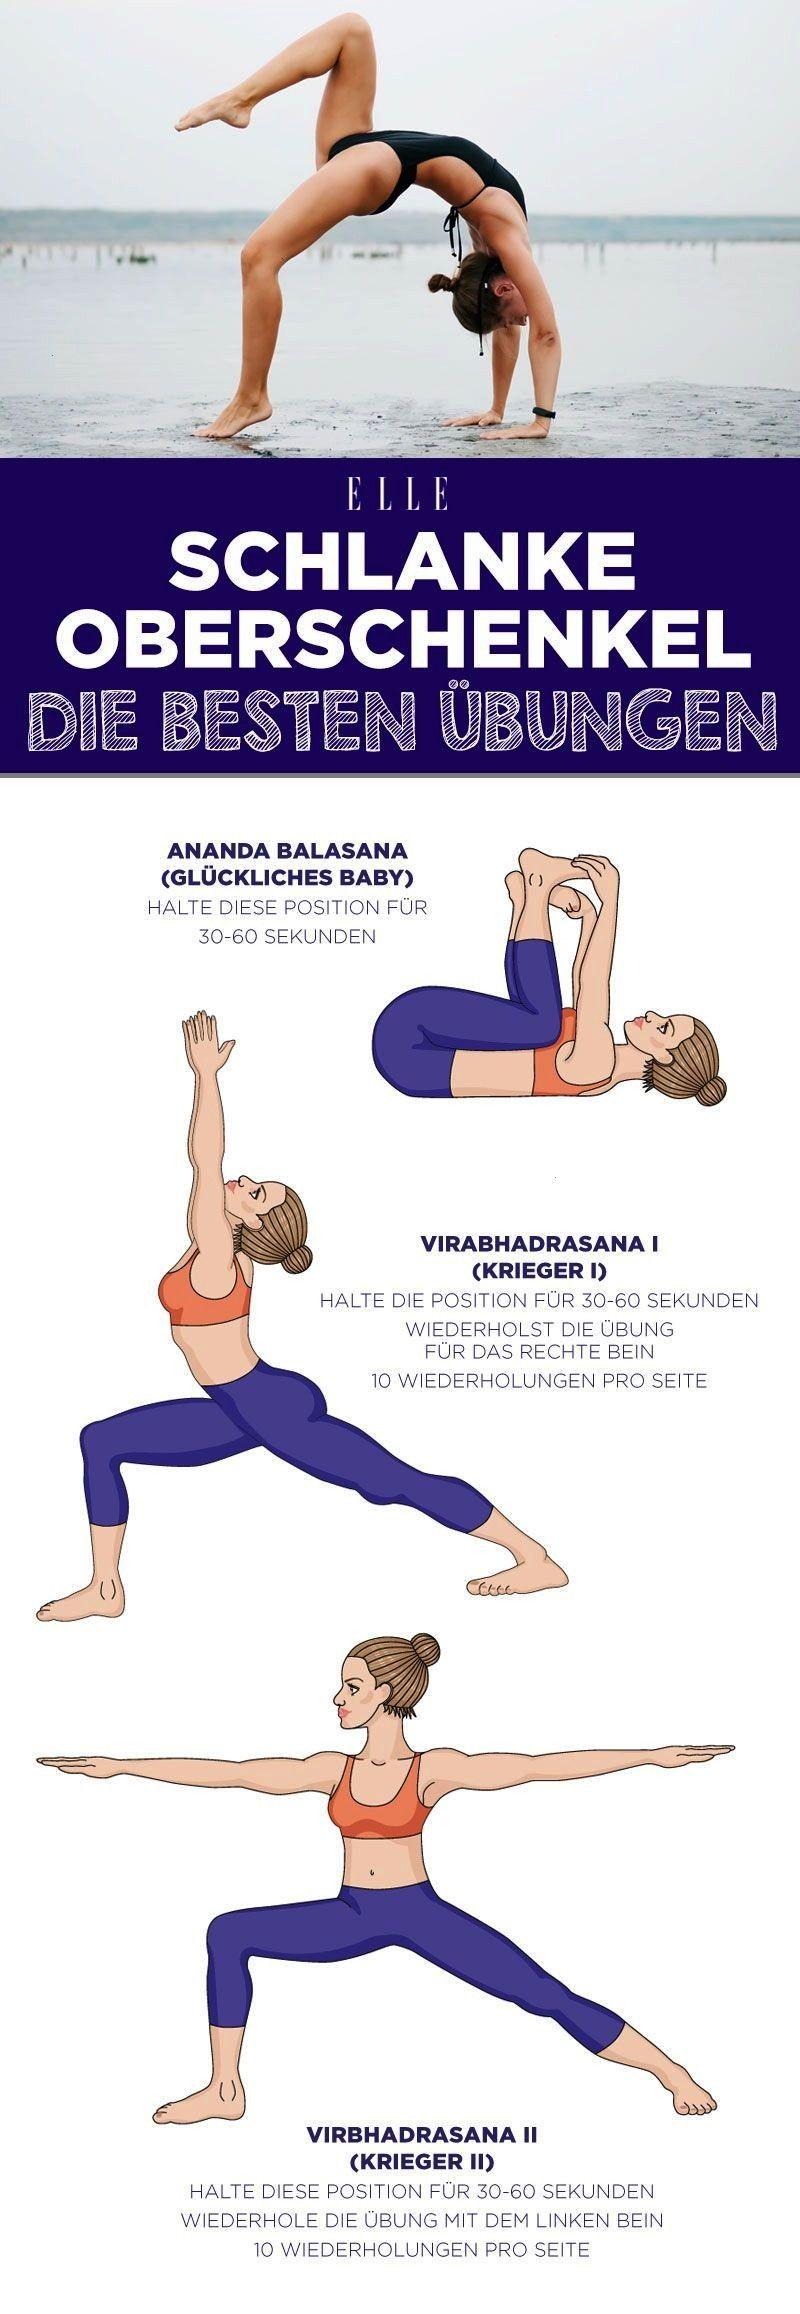 #schlankebeine #oberschenkel #yogaübungen #bodyshape #schlanke #einfache #training #fitness #workout...